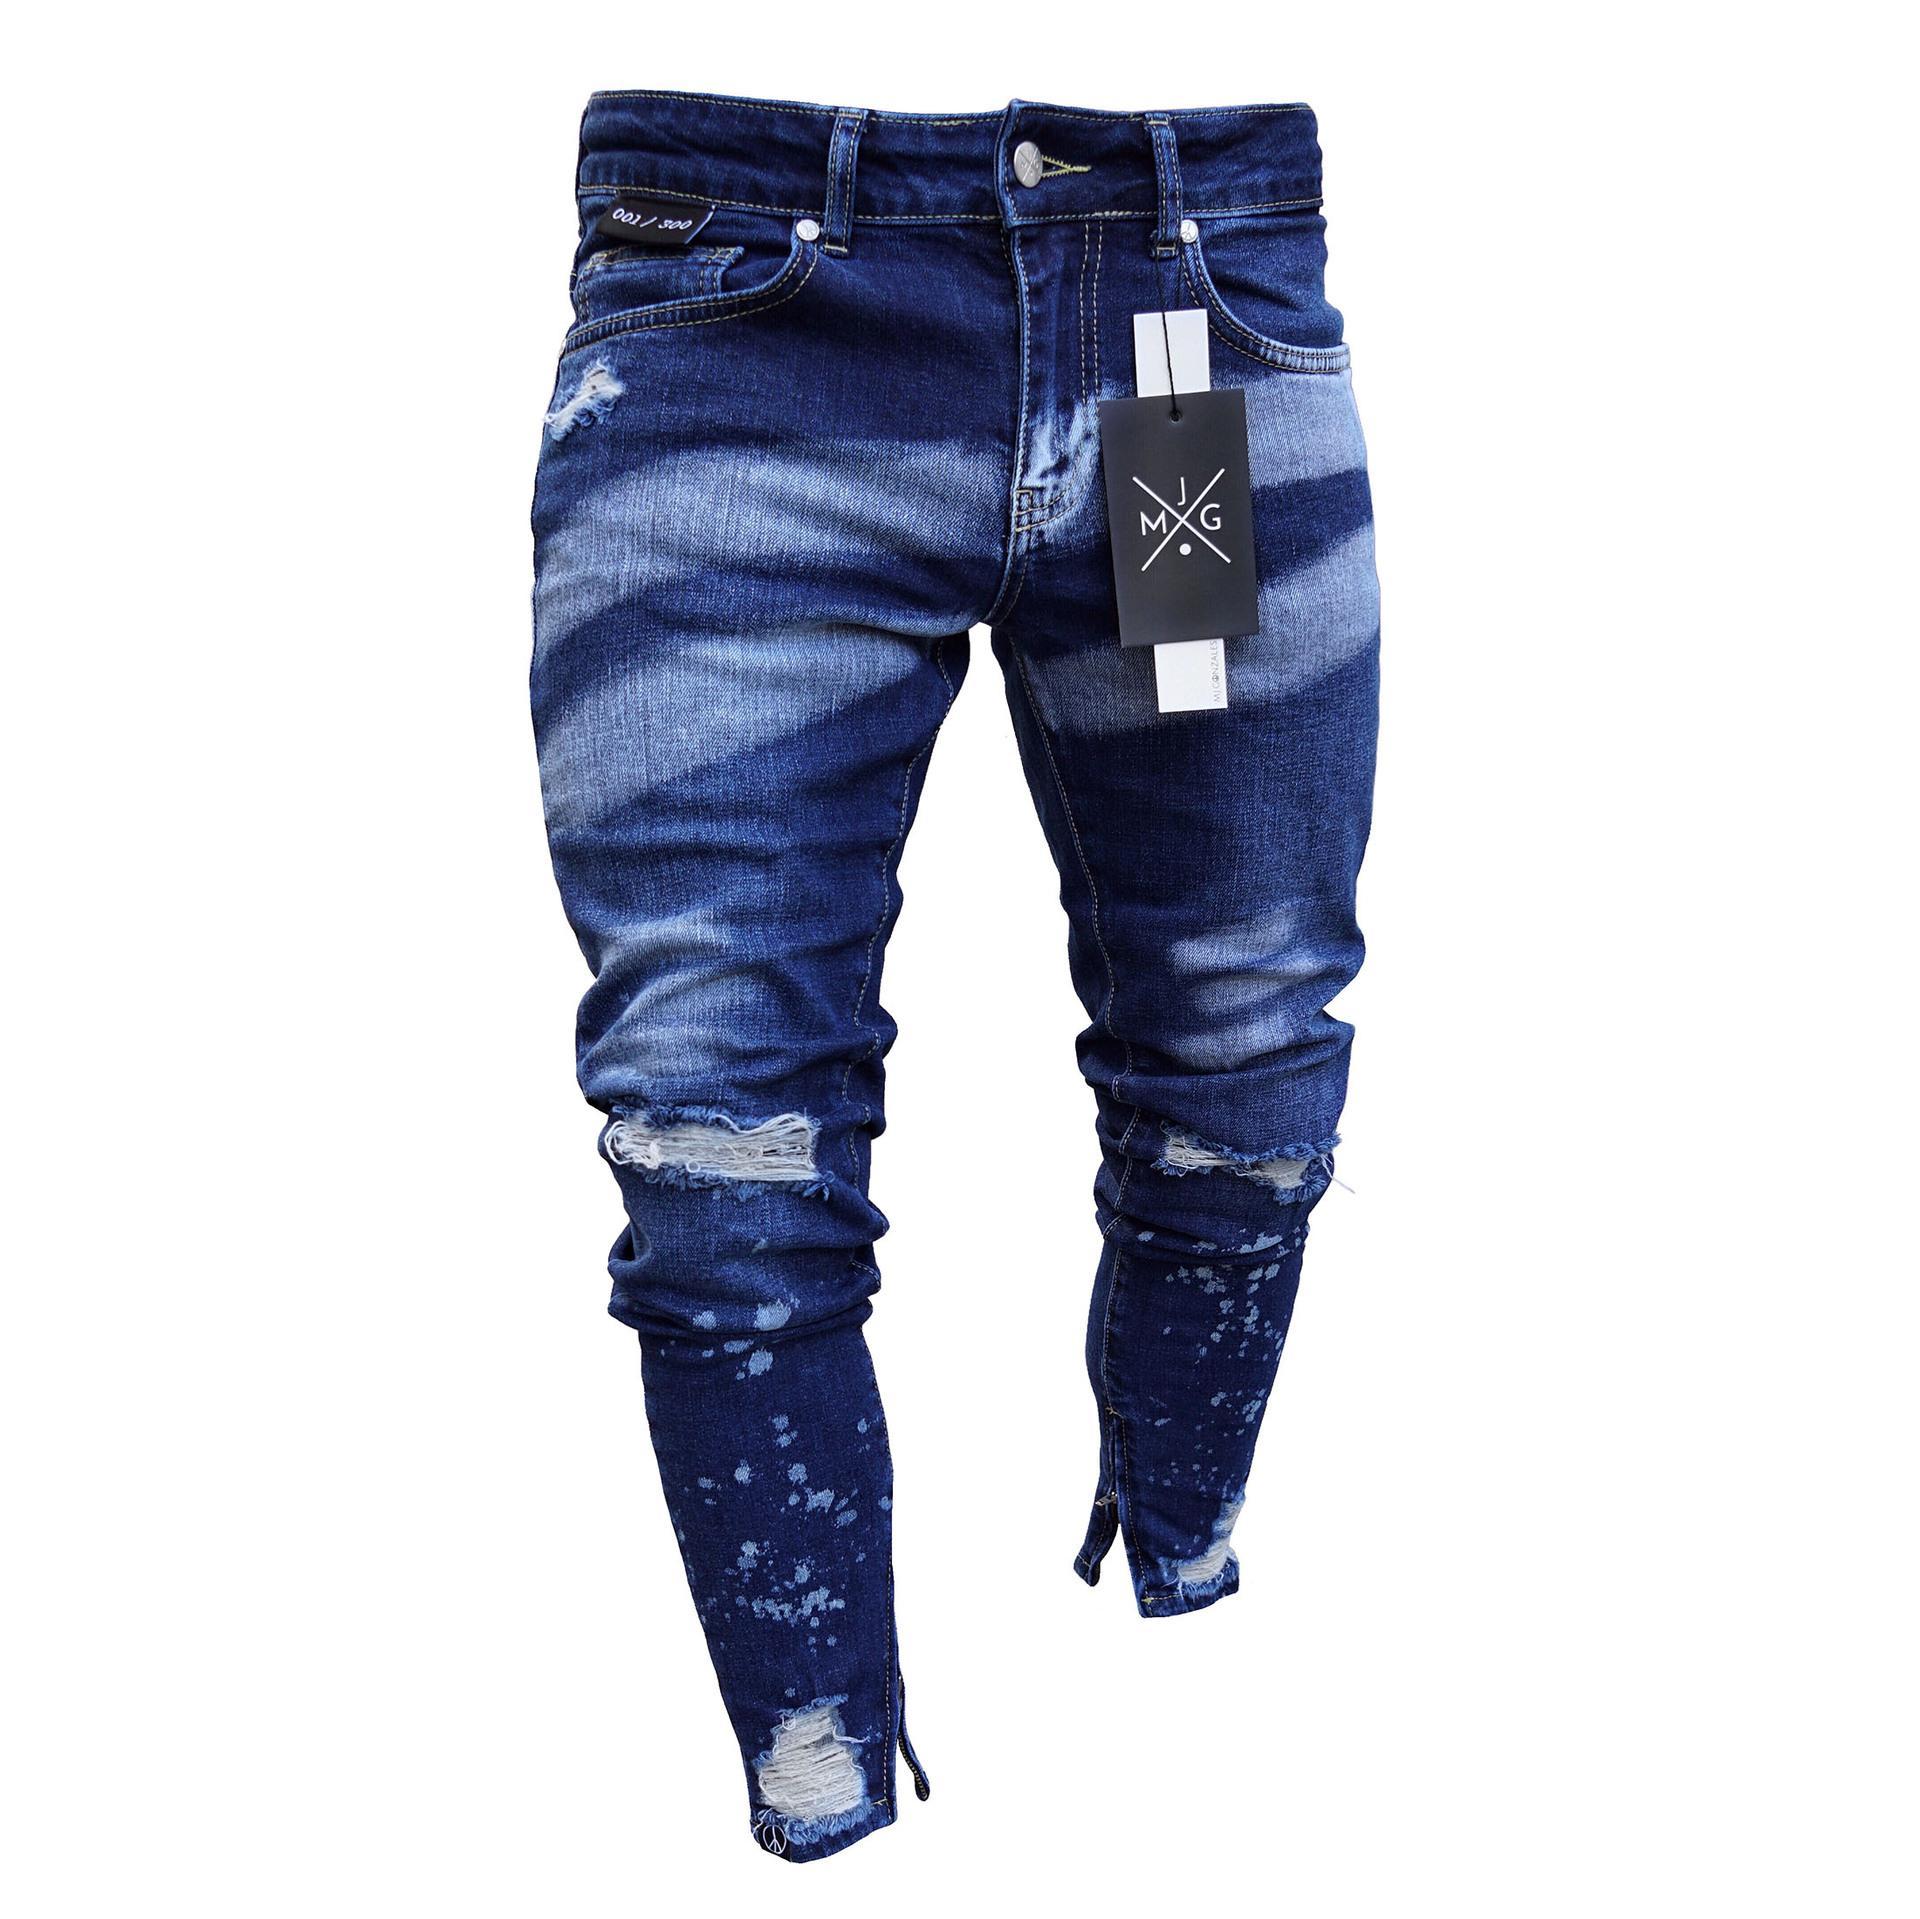 Compre Azul Lavado Jeans Para Hombre Ropa Gradiente De Color Lápiz Pantalón  Jean Pantalones Vaqueros Ajustados De Corte Slim A  43.32 Del  Astroworldclothing ... 3cc54cc54fa